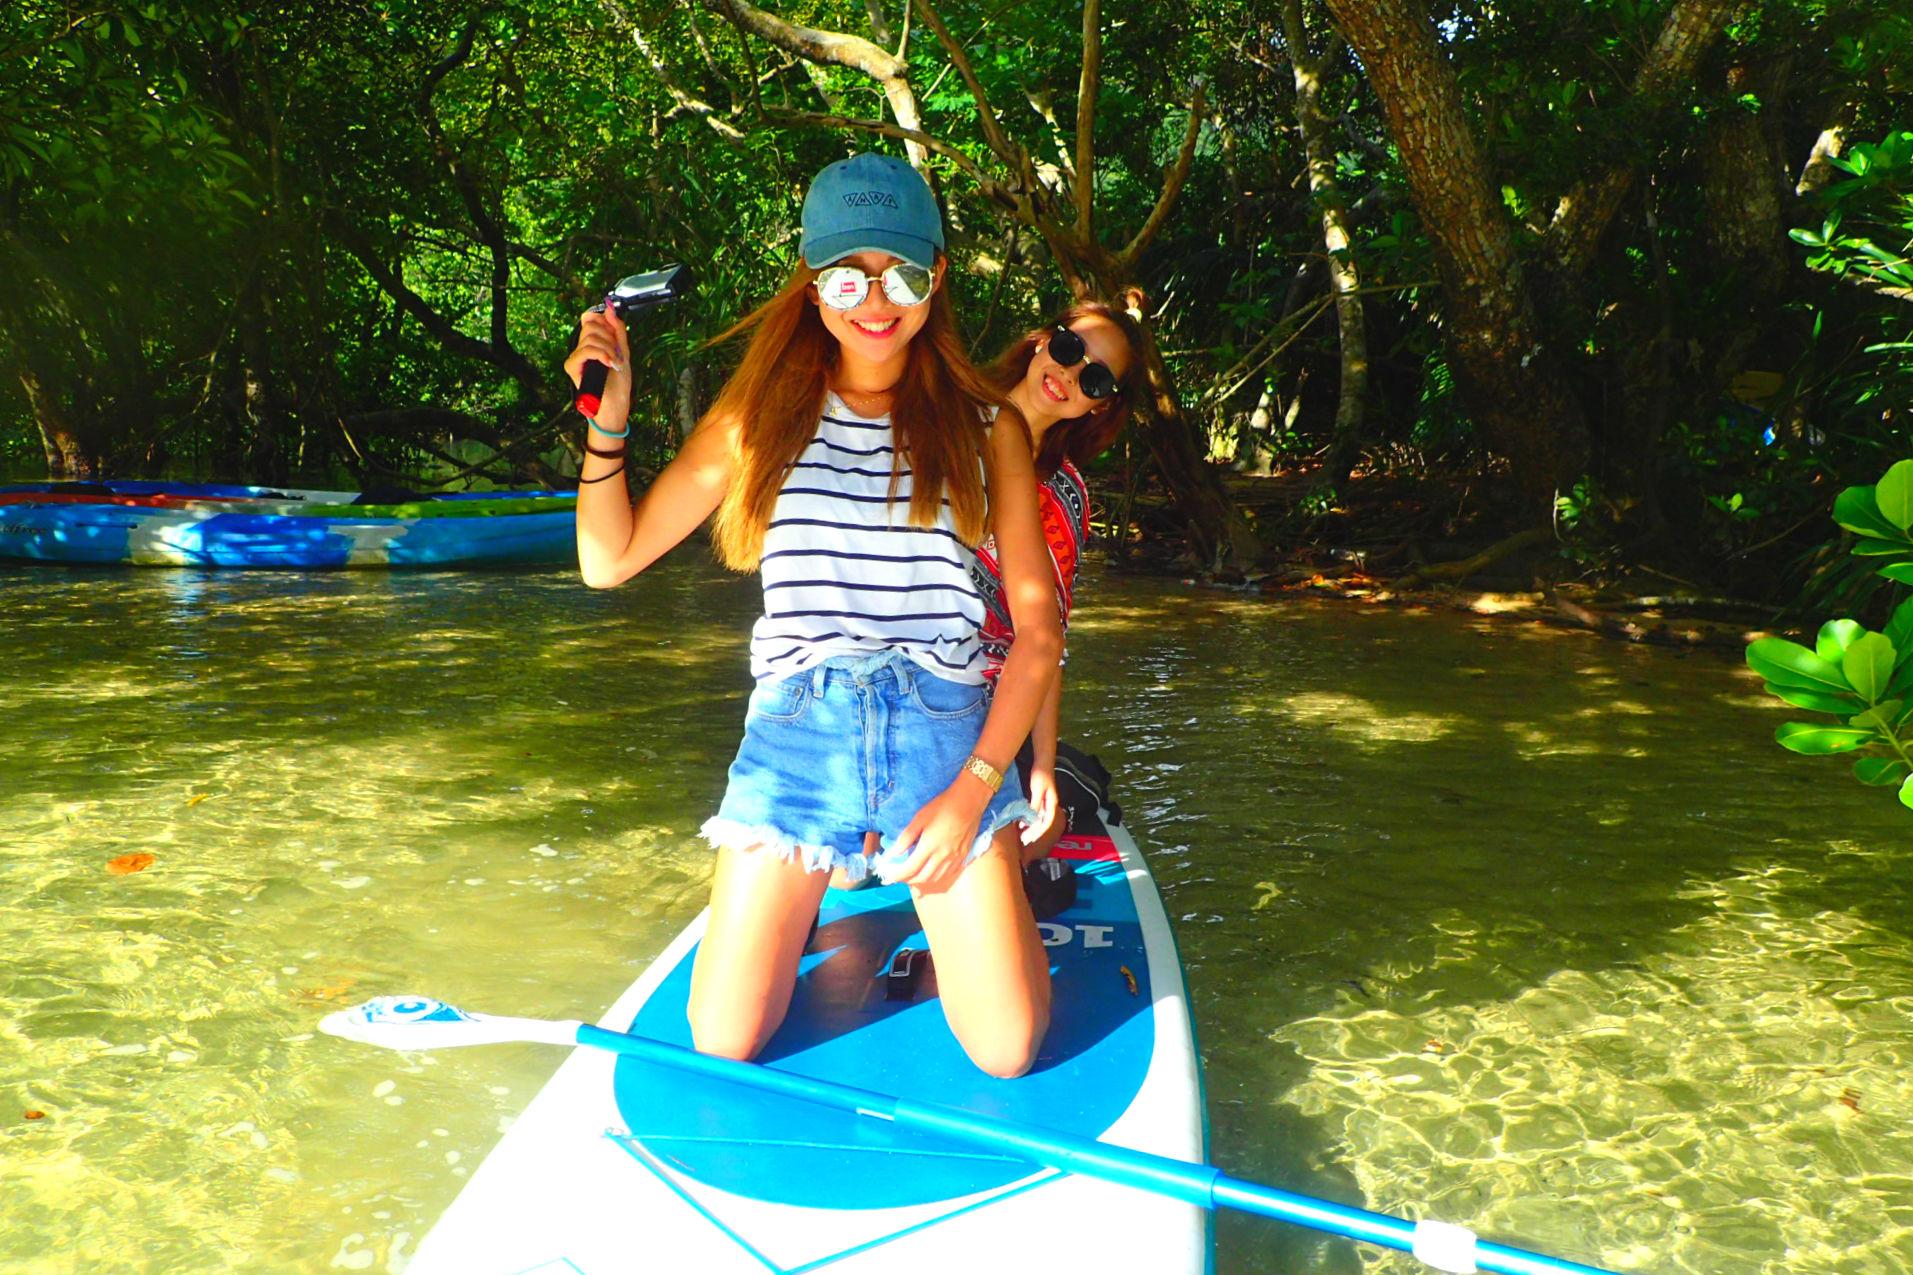 【沖縄・西表島・SUP】マングローブ林で楽しむSUP体験ツアー!